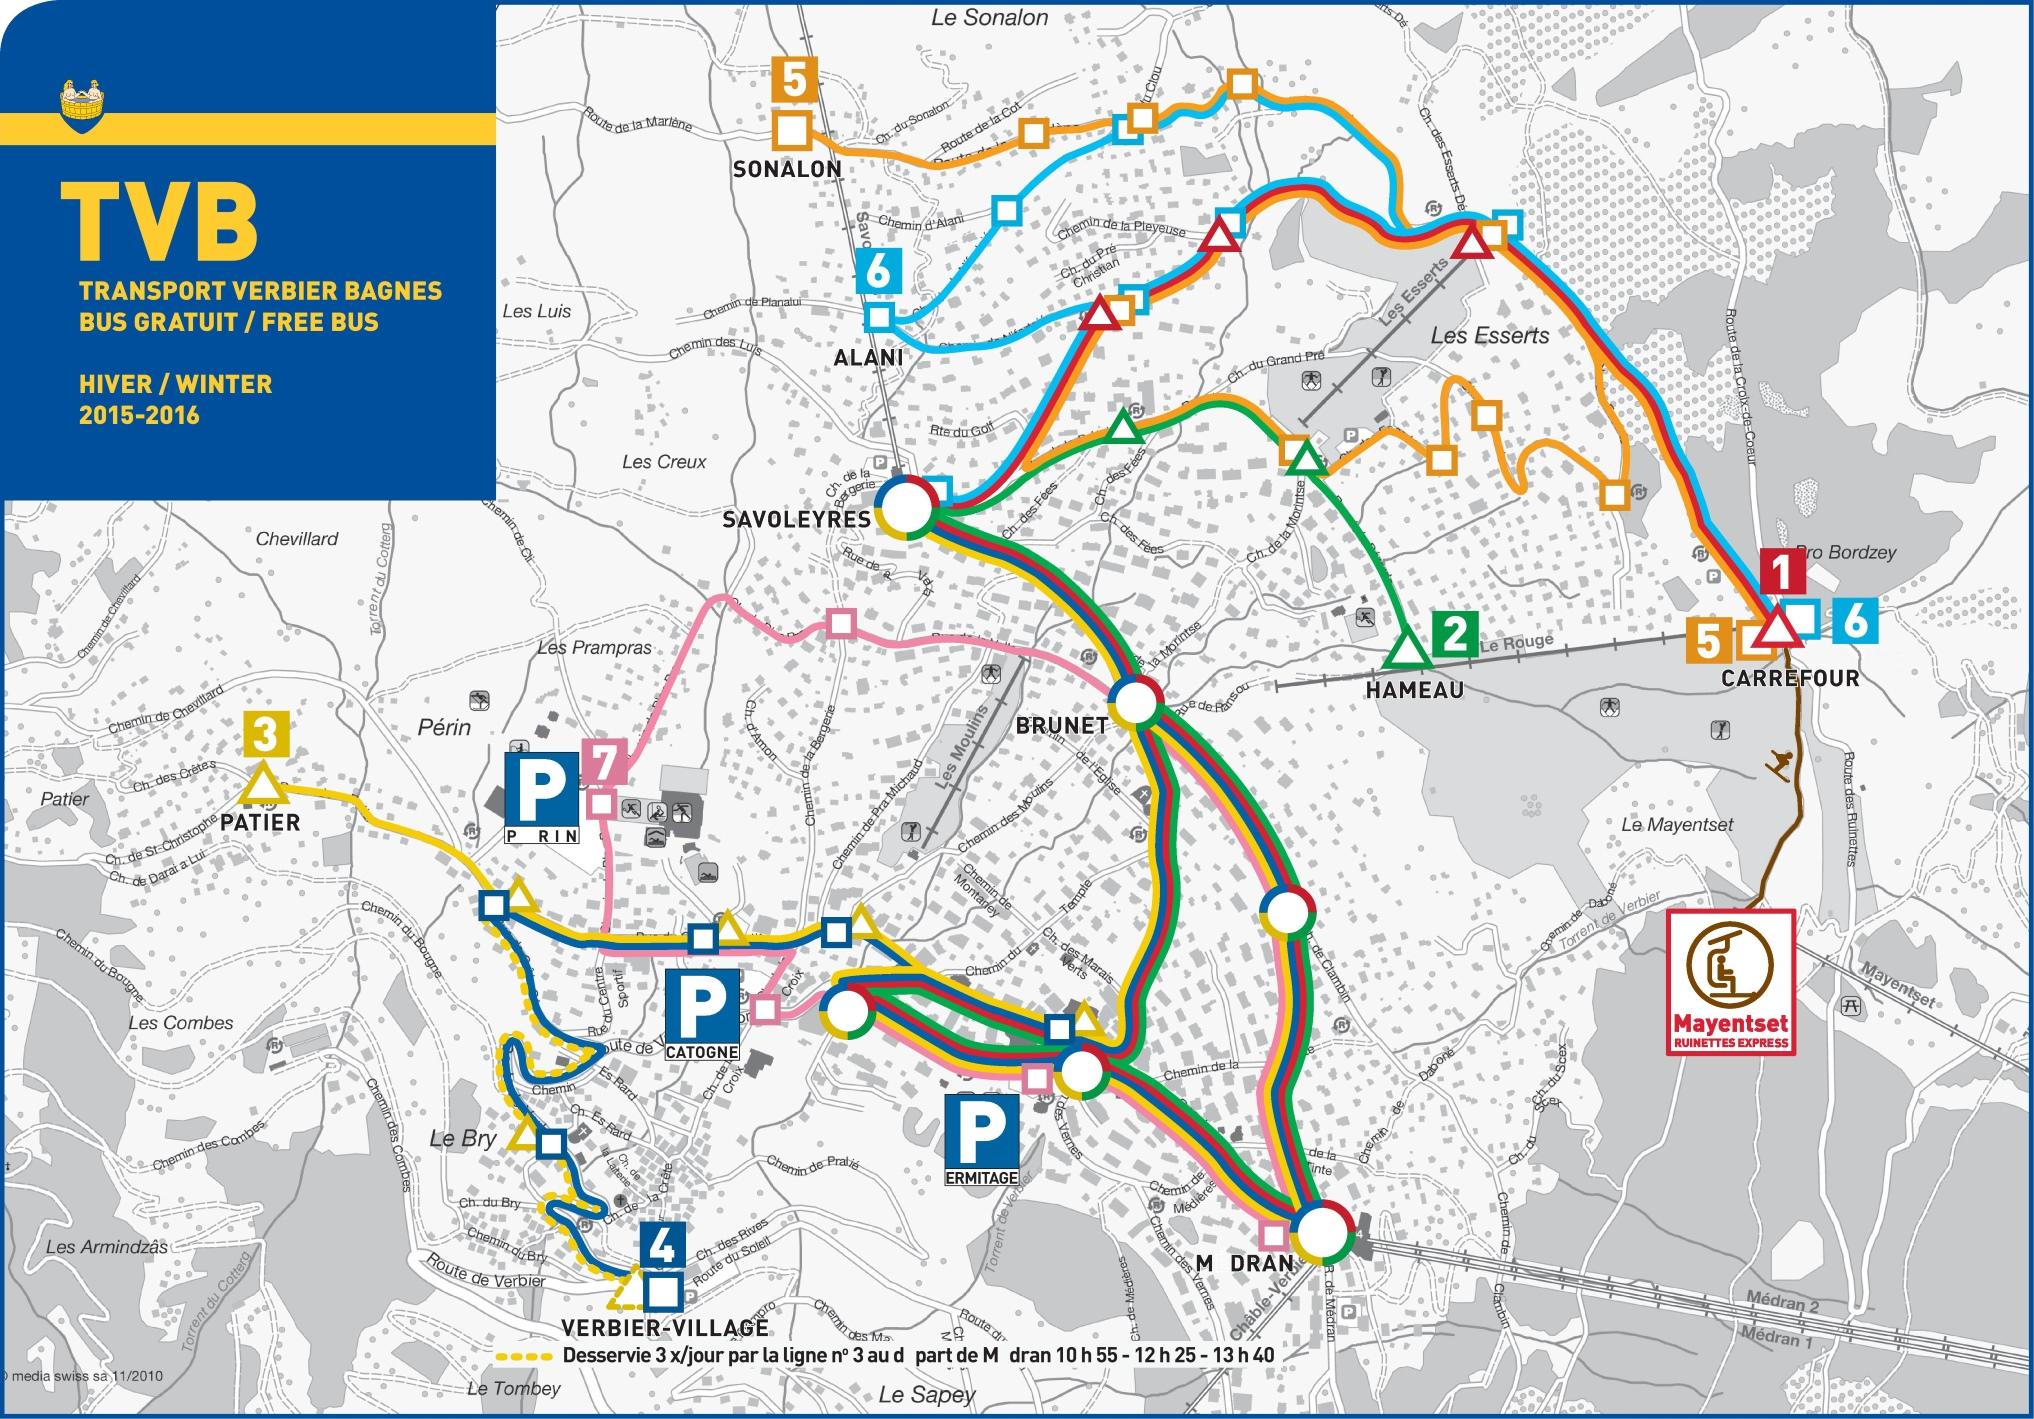 Verbier bus map